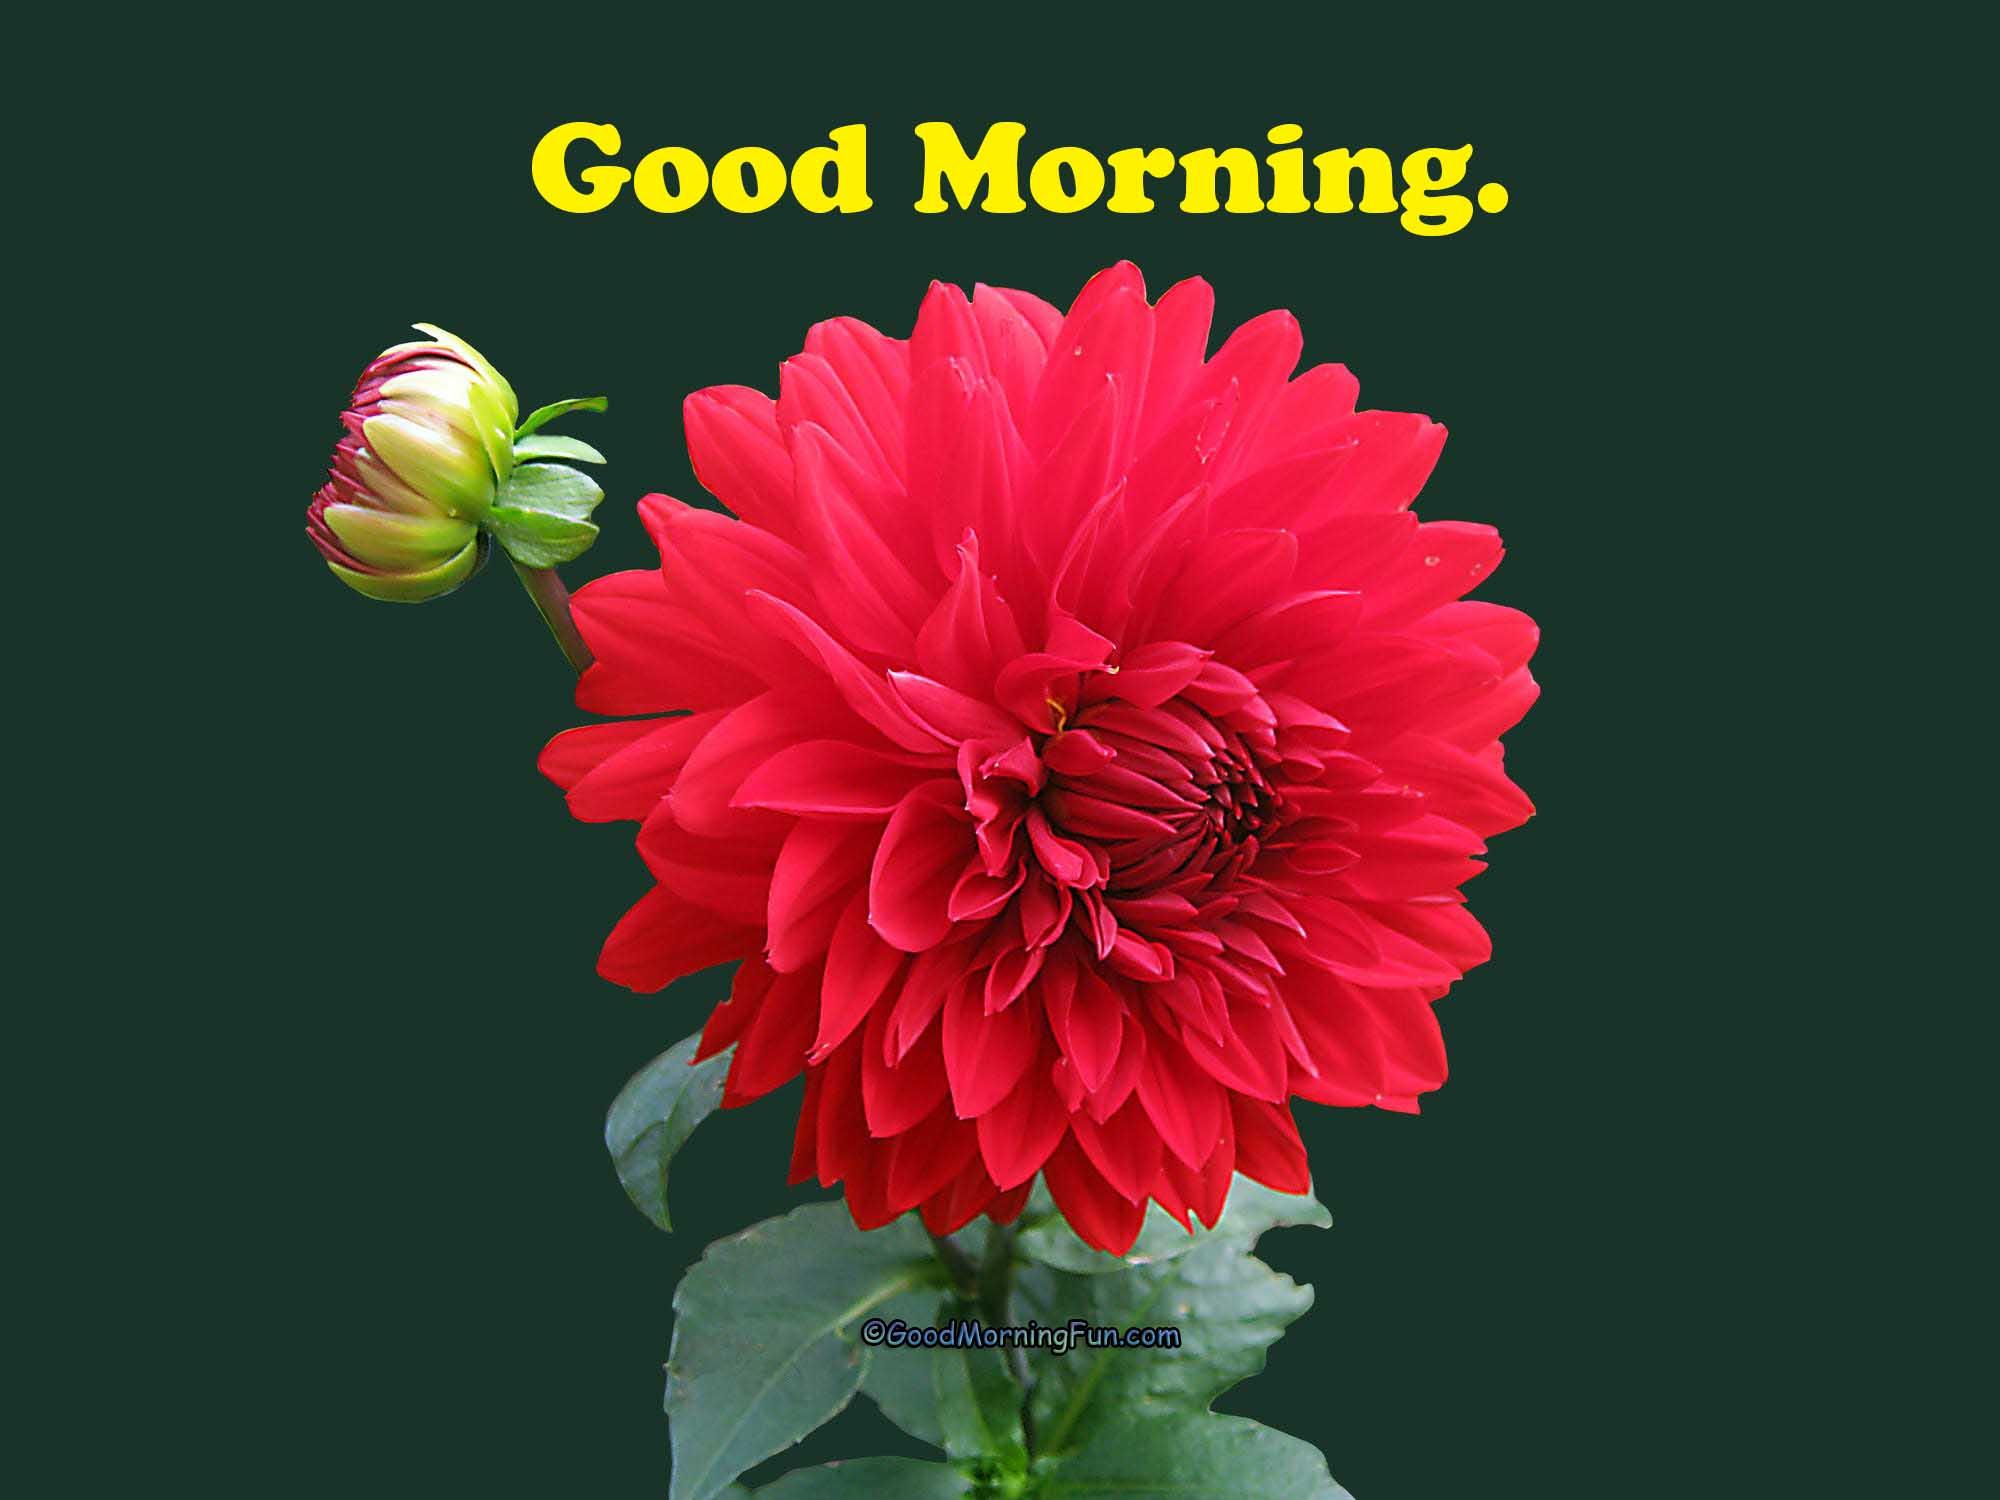 Good Morning Flowers Good Morning Fun